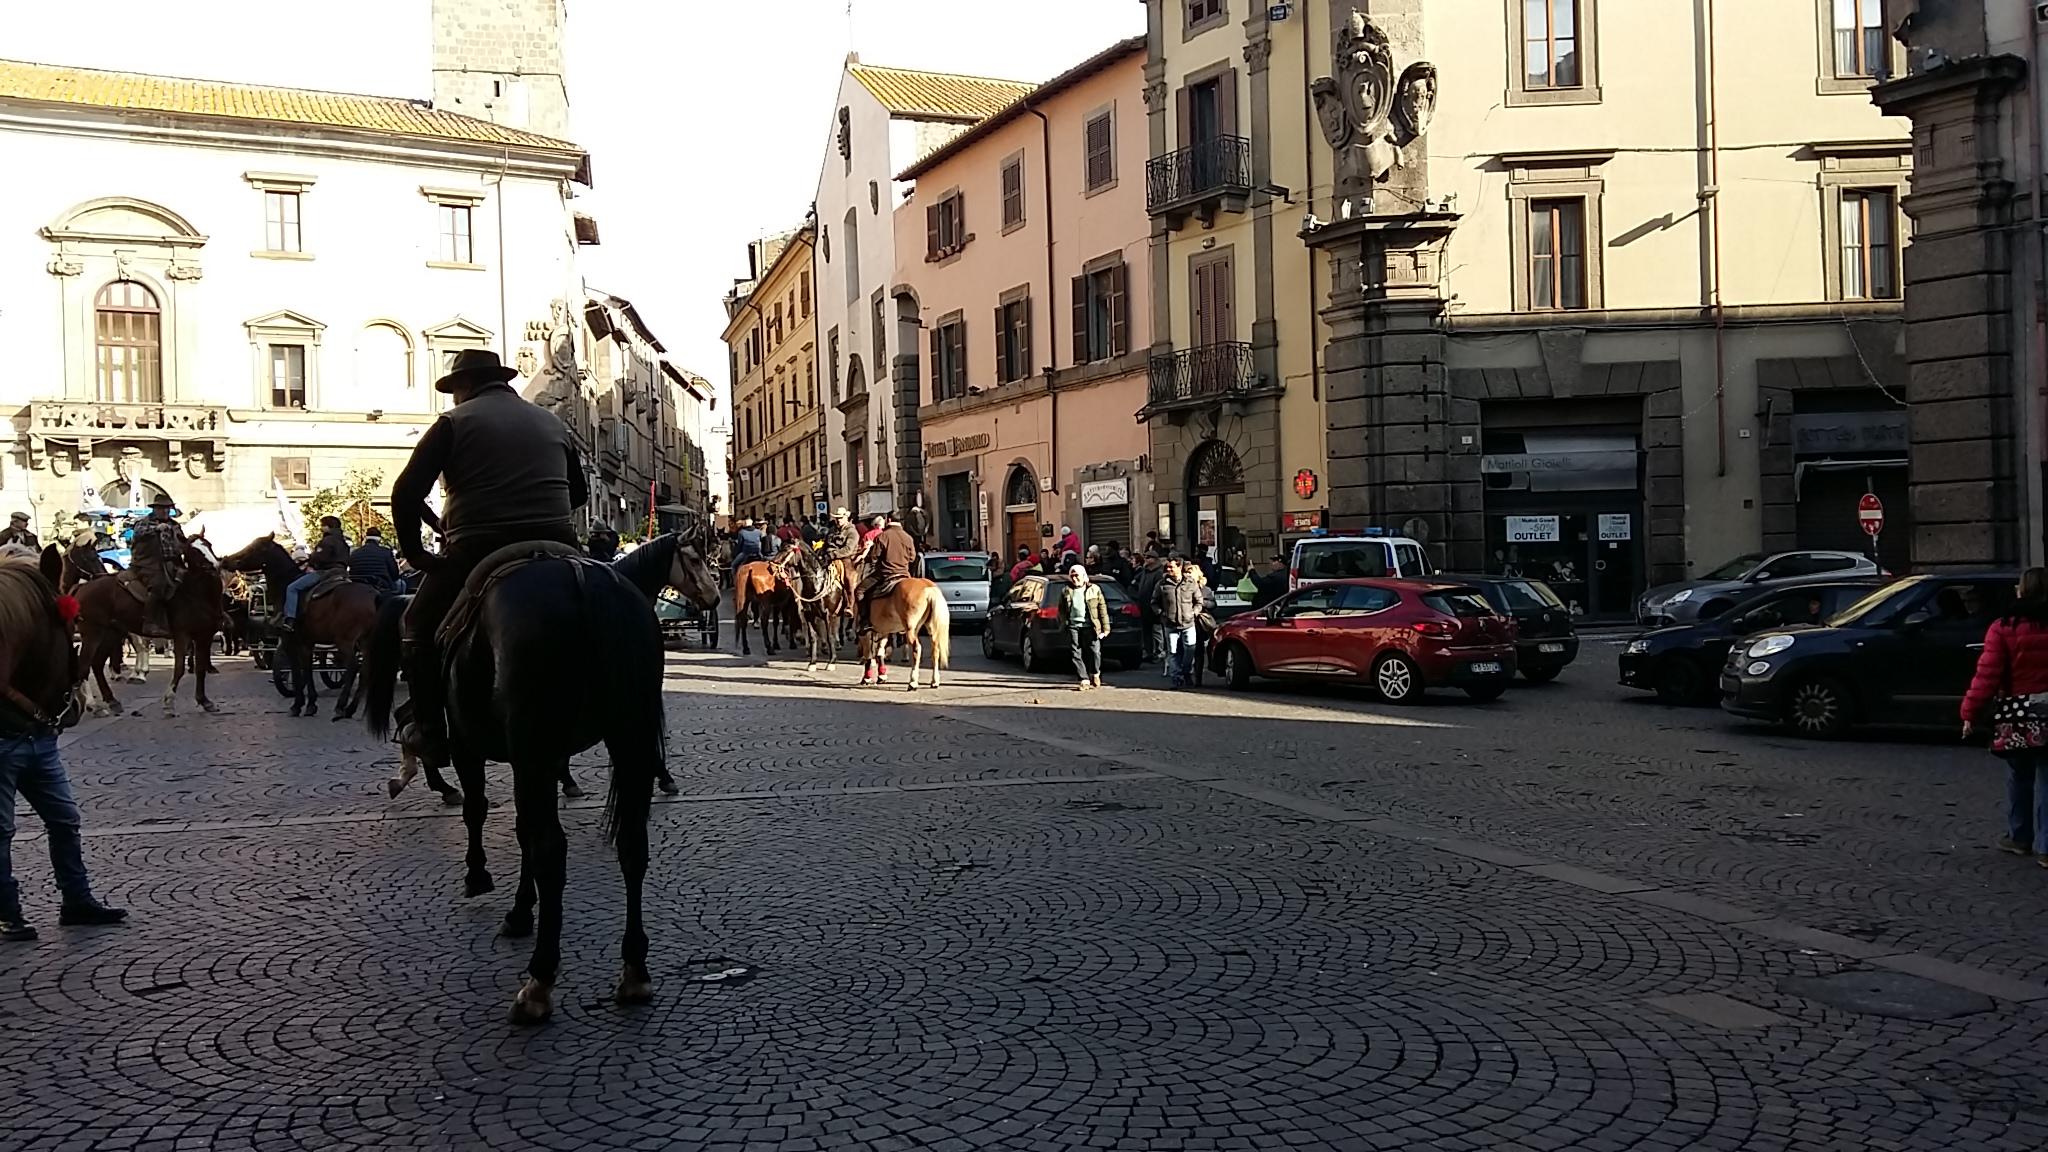 Terra di nessuno senza regole: sfilano i cavalli a Piazza del Comune tra le auto in sosta vietata e il traffico